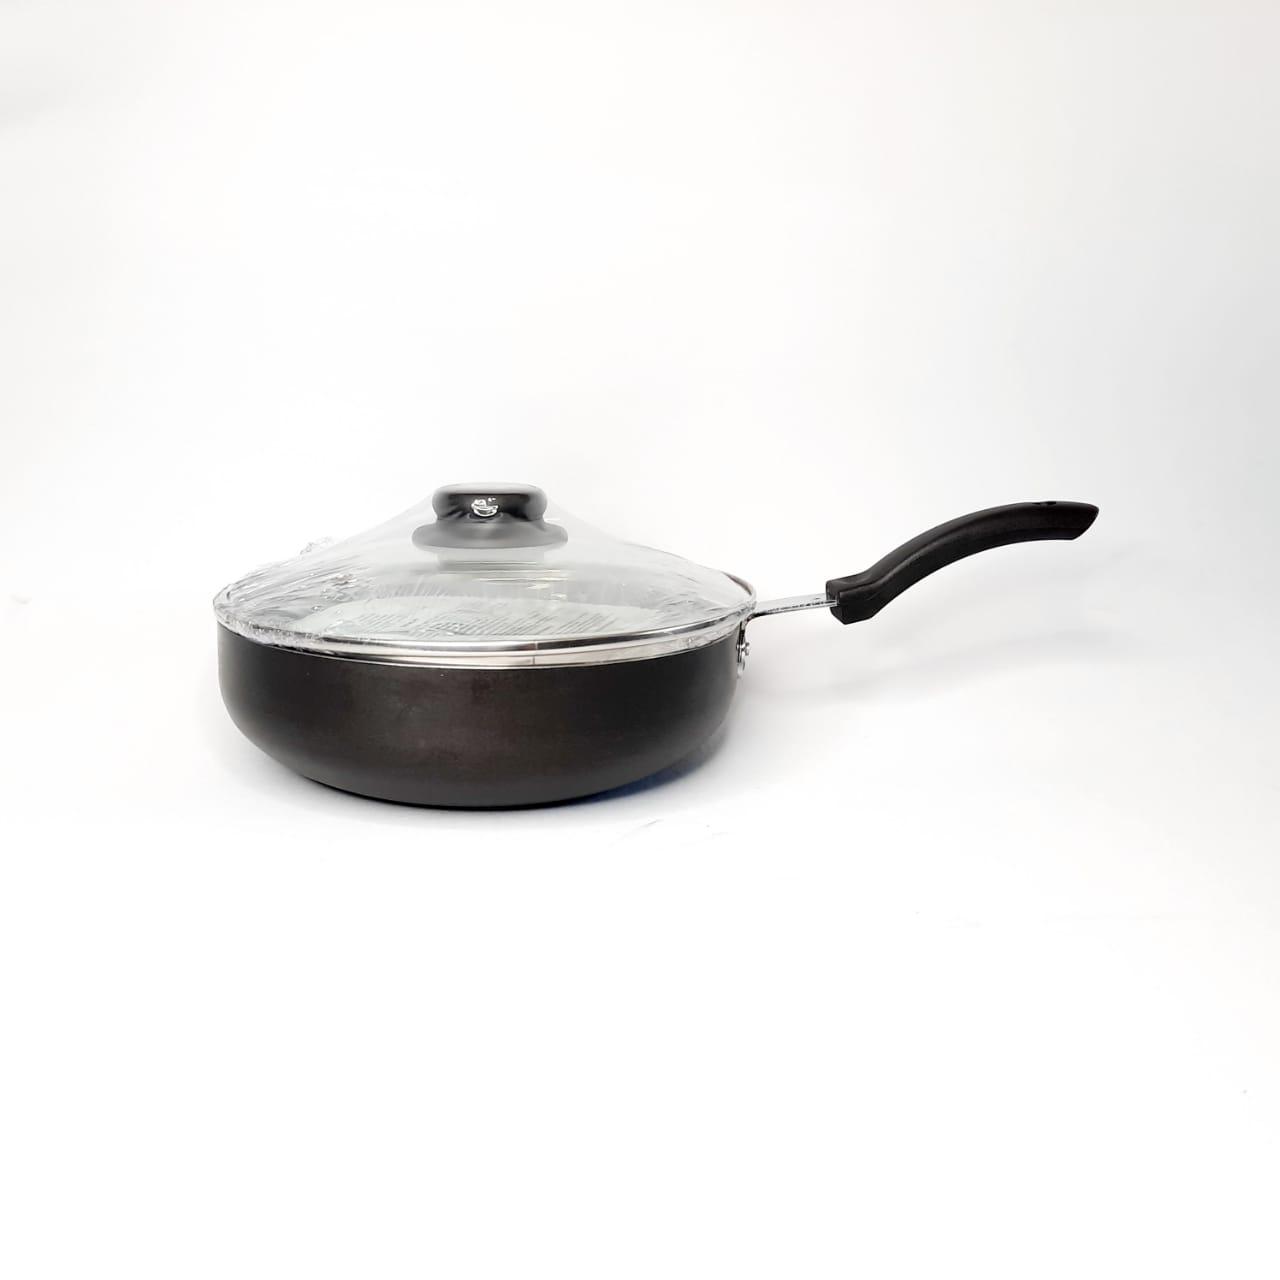 Frigideira Alumínio Antiaderente  wok c/tampa de vidro  N 24 Arary